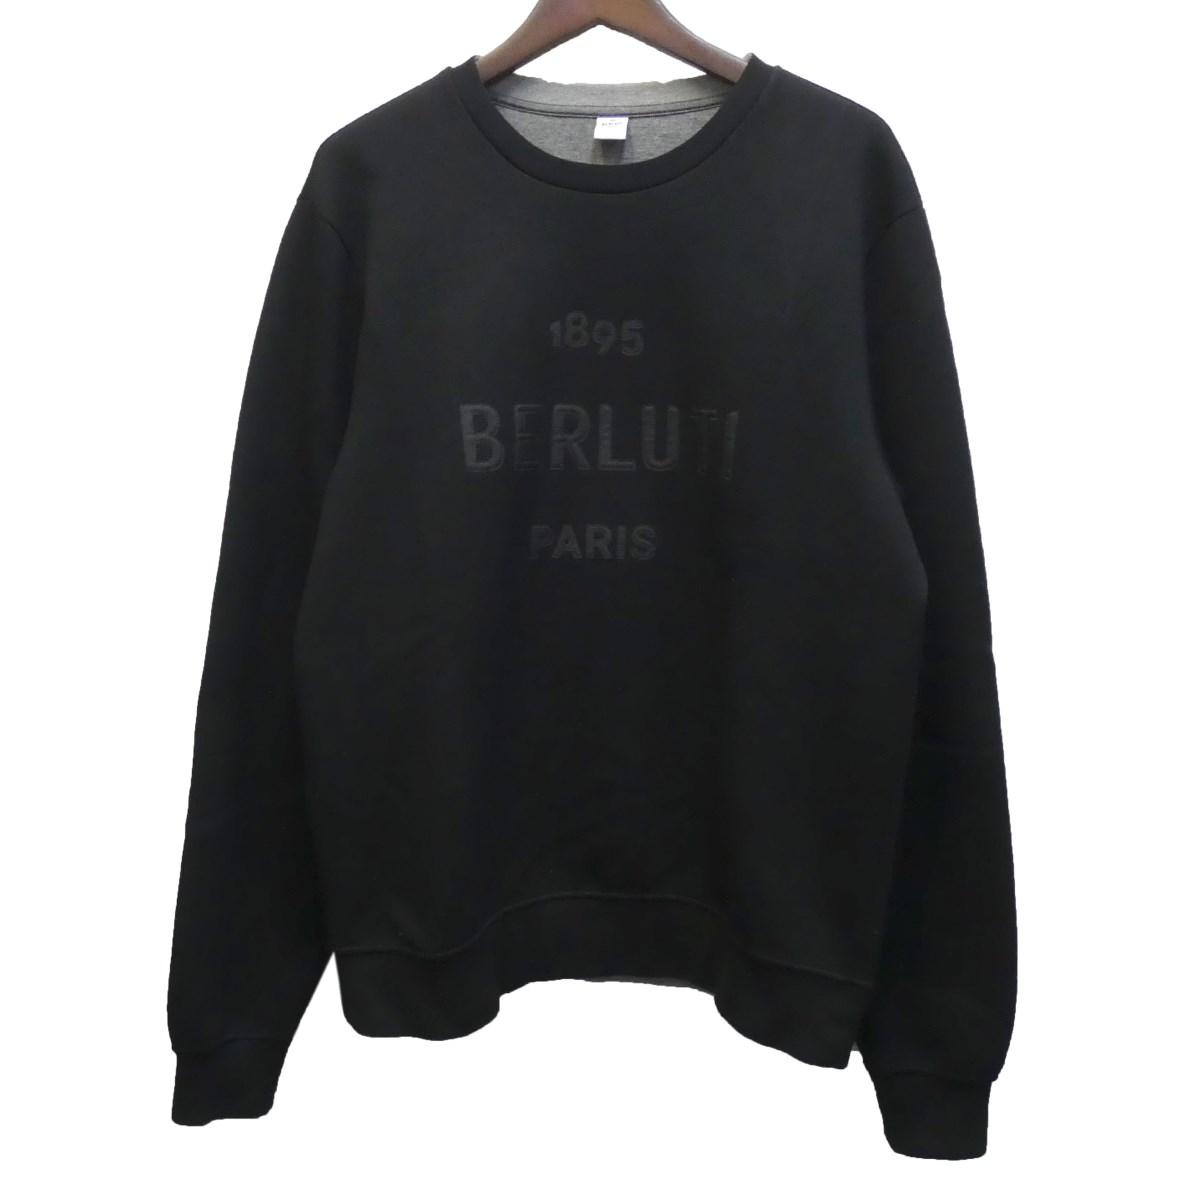 【中古】Berluti ロゴ刺繍スウェット ブラック サイズ:M 【260420】(ベルルッティ)